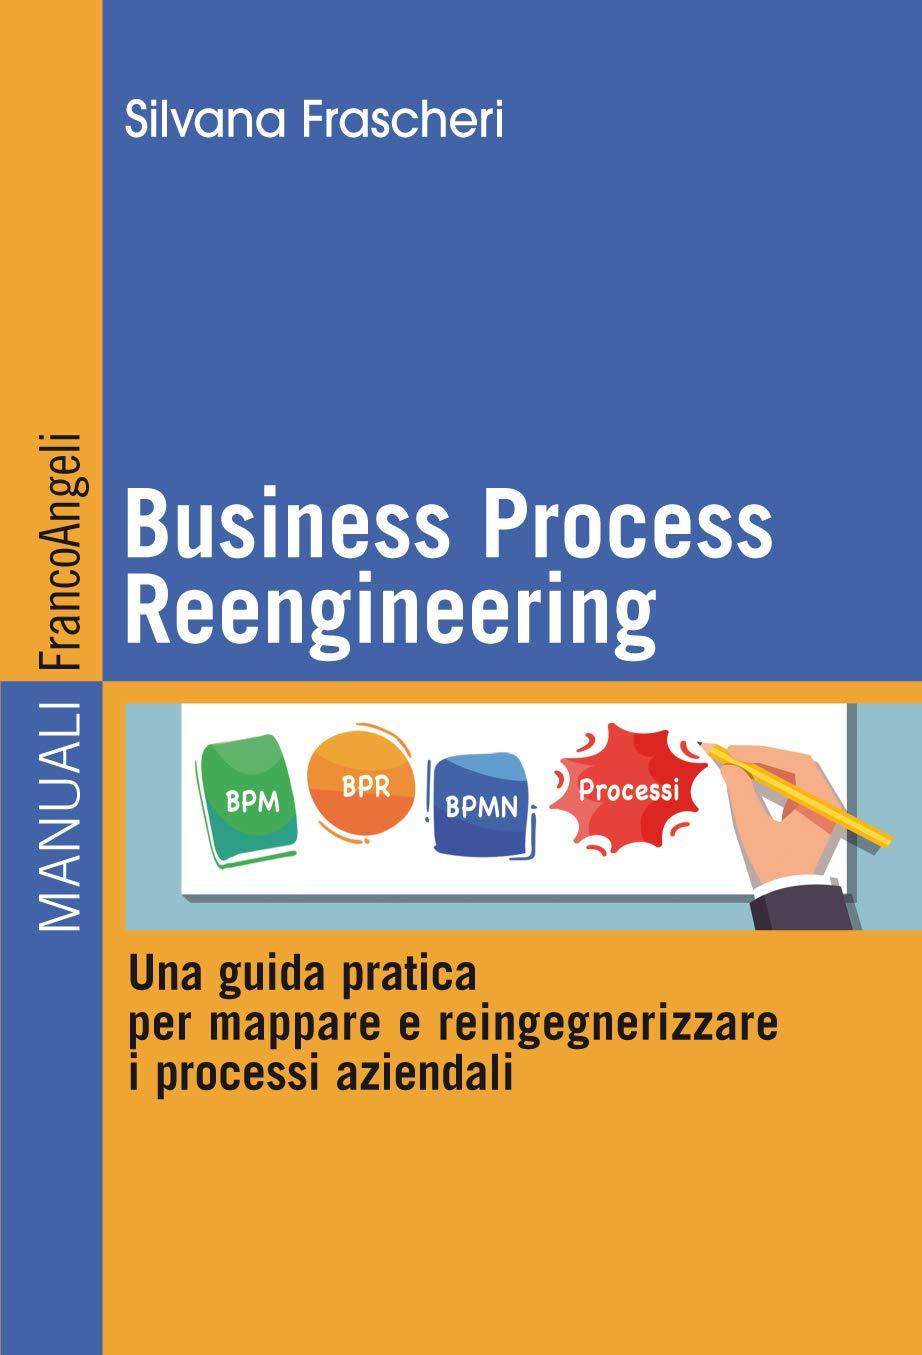 Business Process Reengineering: Una guida pratica per mappare e reingegnerizzare i processi aziendali (Italian Edition)